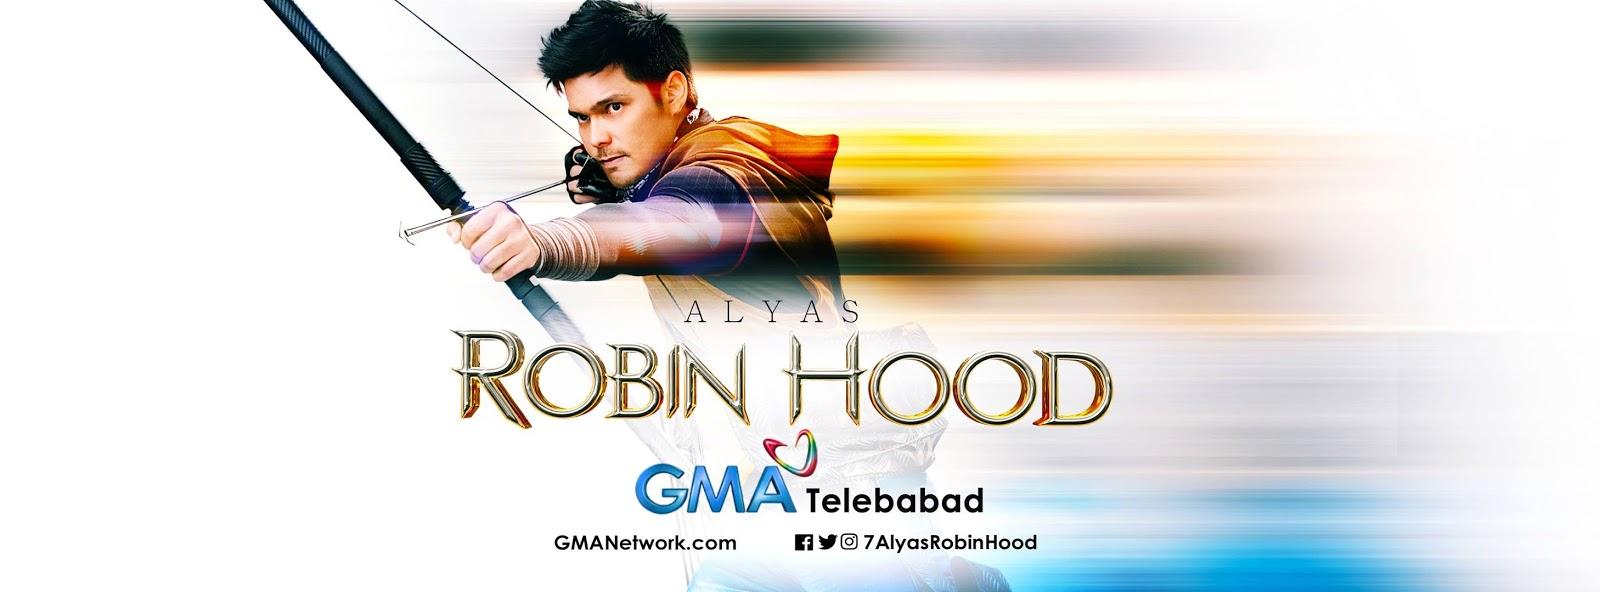 Alyas Robin Hood October 31 2017